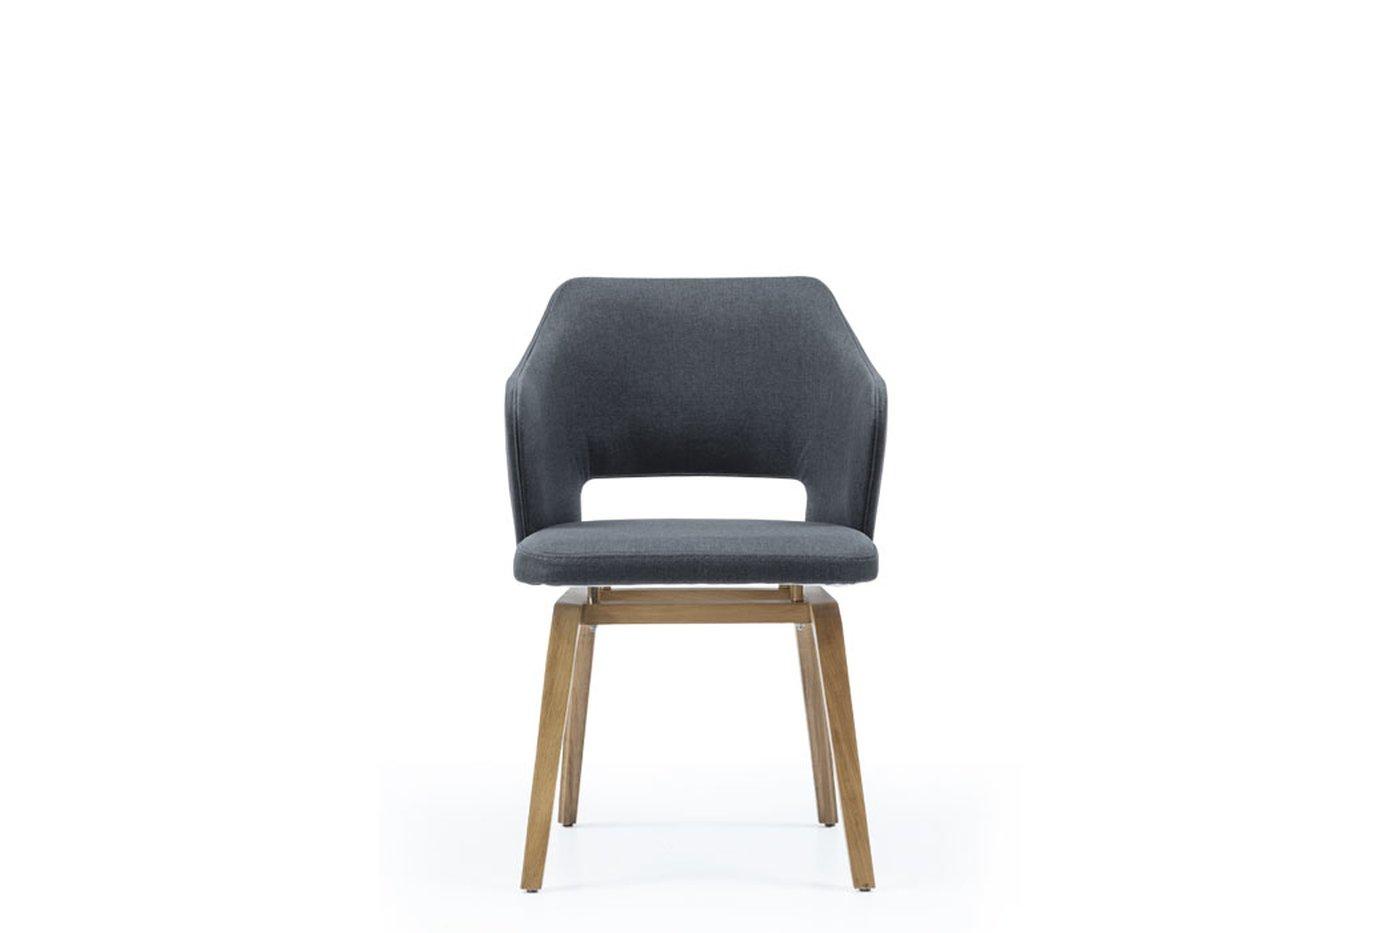 Full Size of Esstischstühle Sitzschalen Esstischstuhl Enya Esstische Esstischstühle